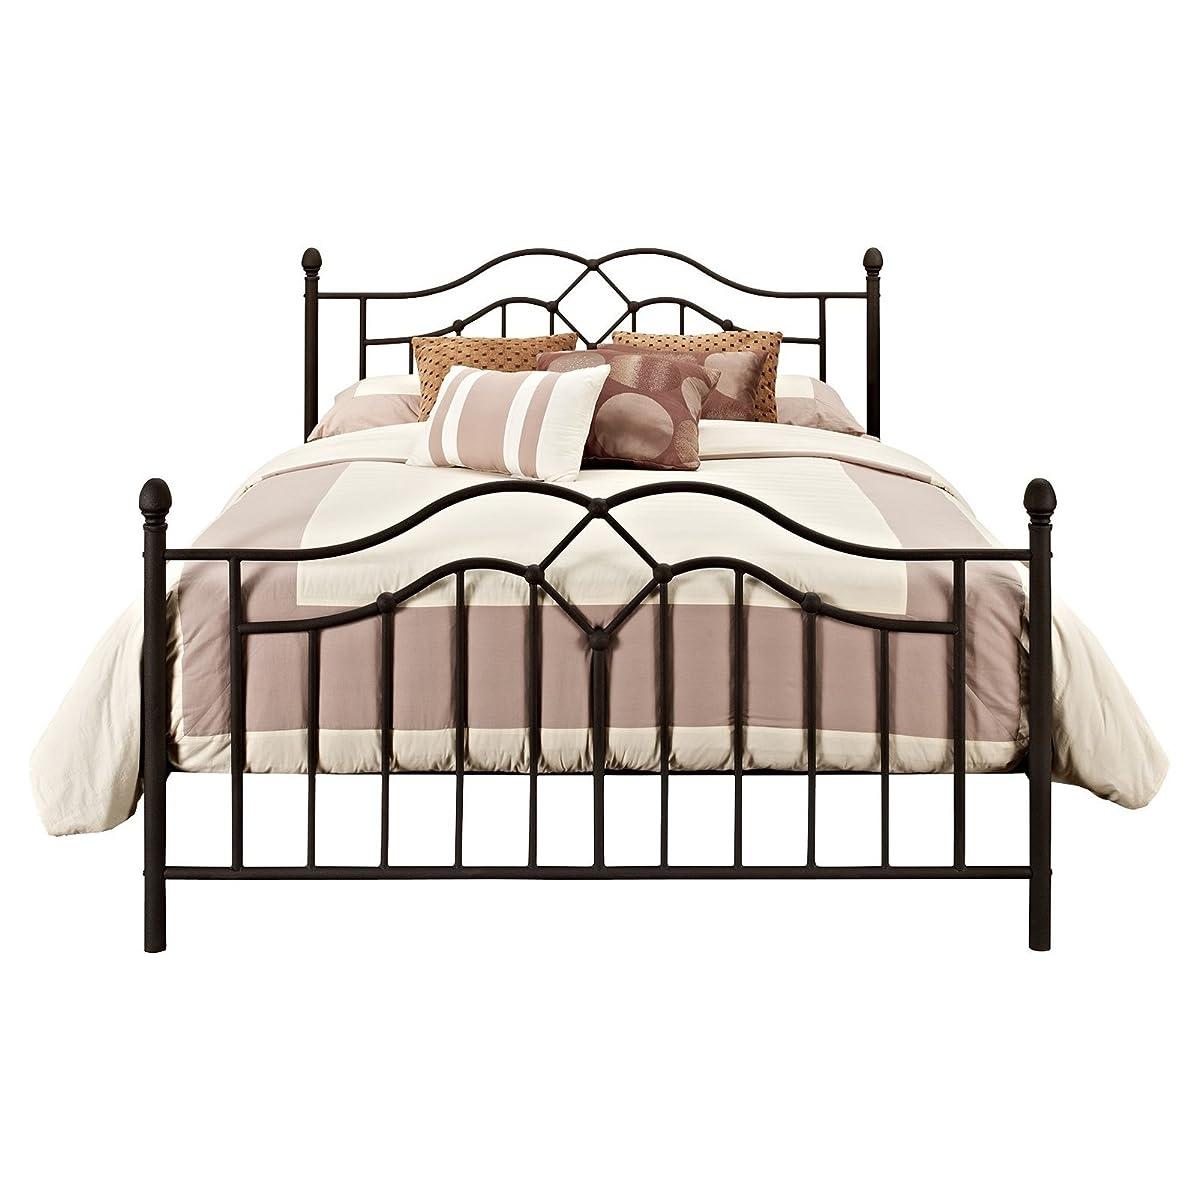 DHP Tokyo Bronze Metal Bed, Queen Size Bedframe